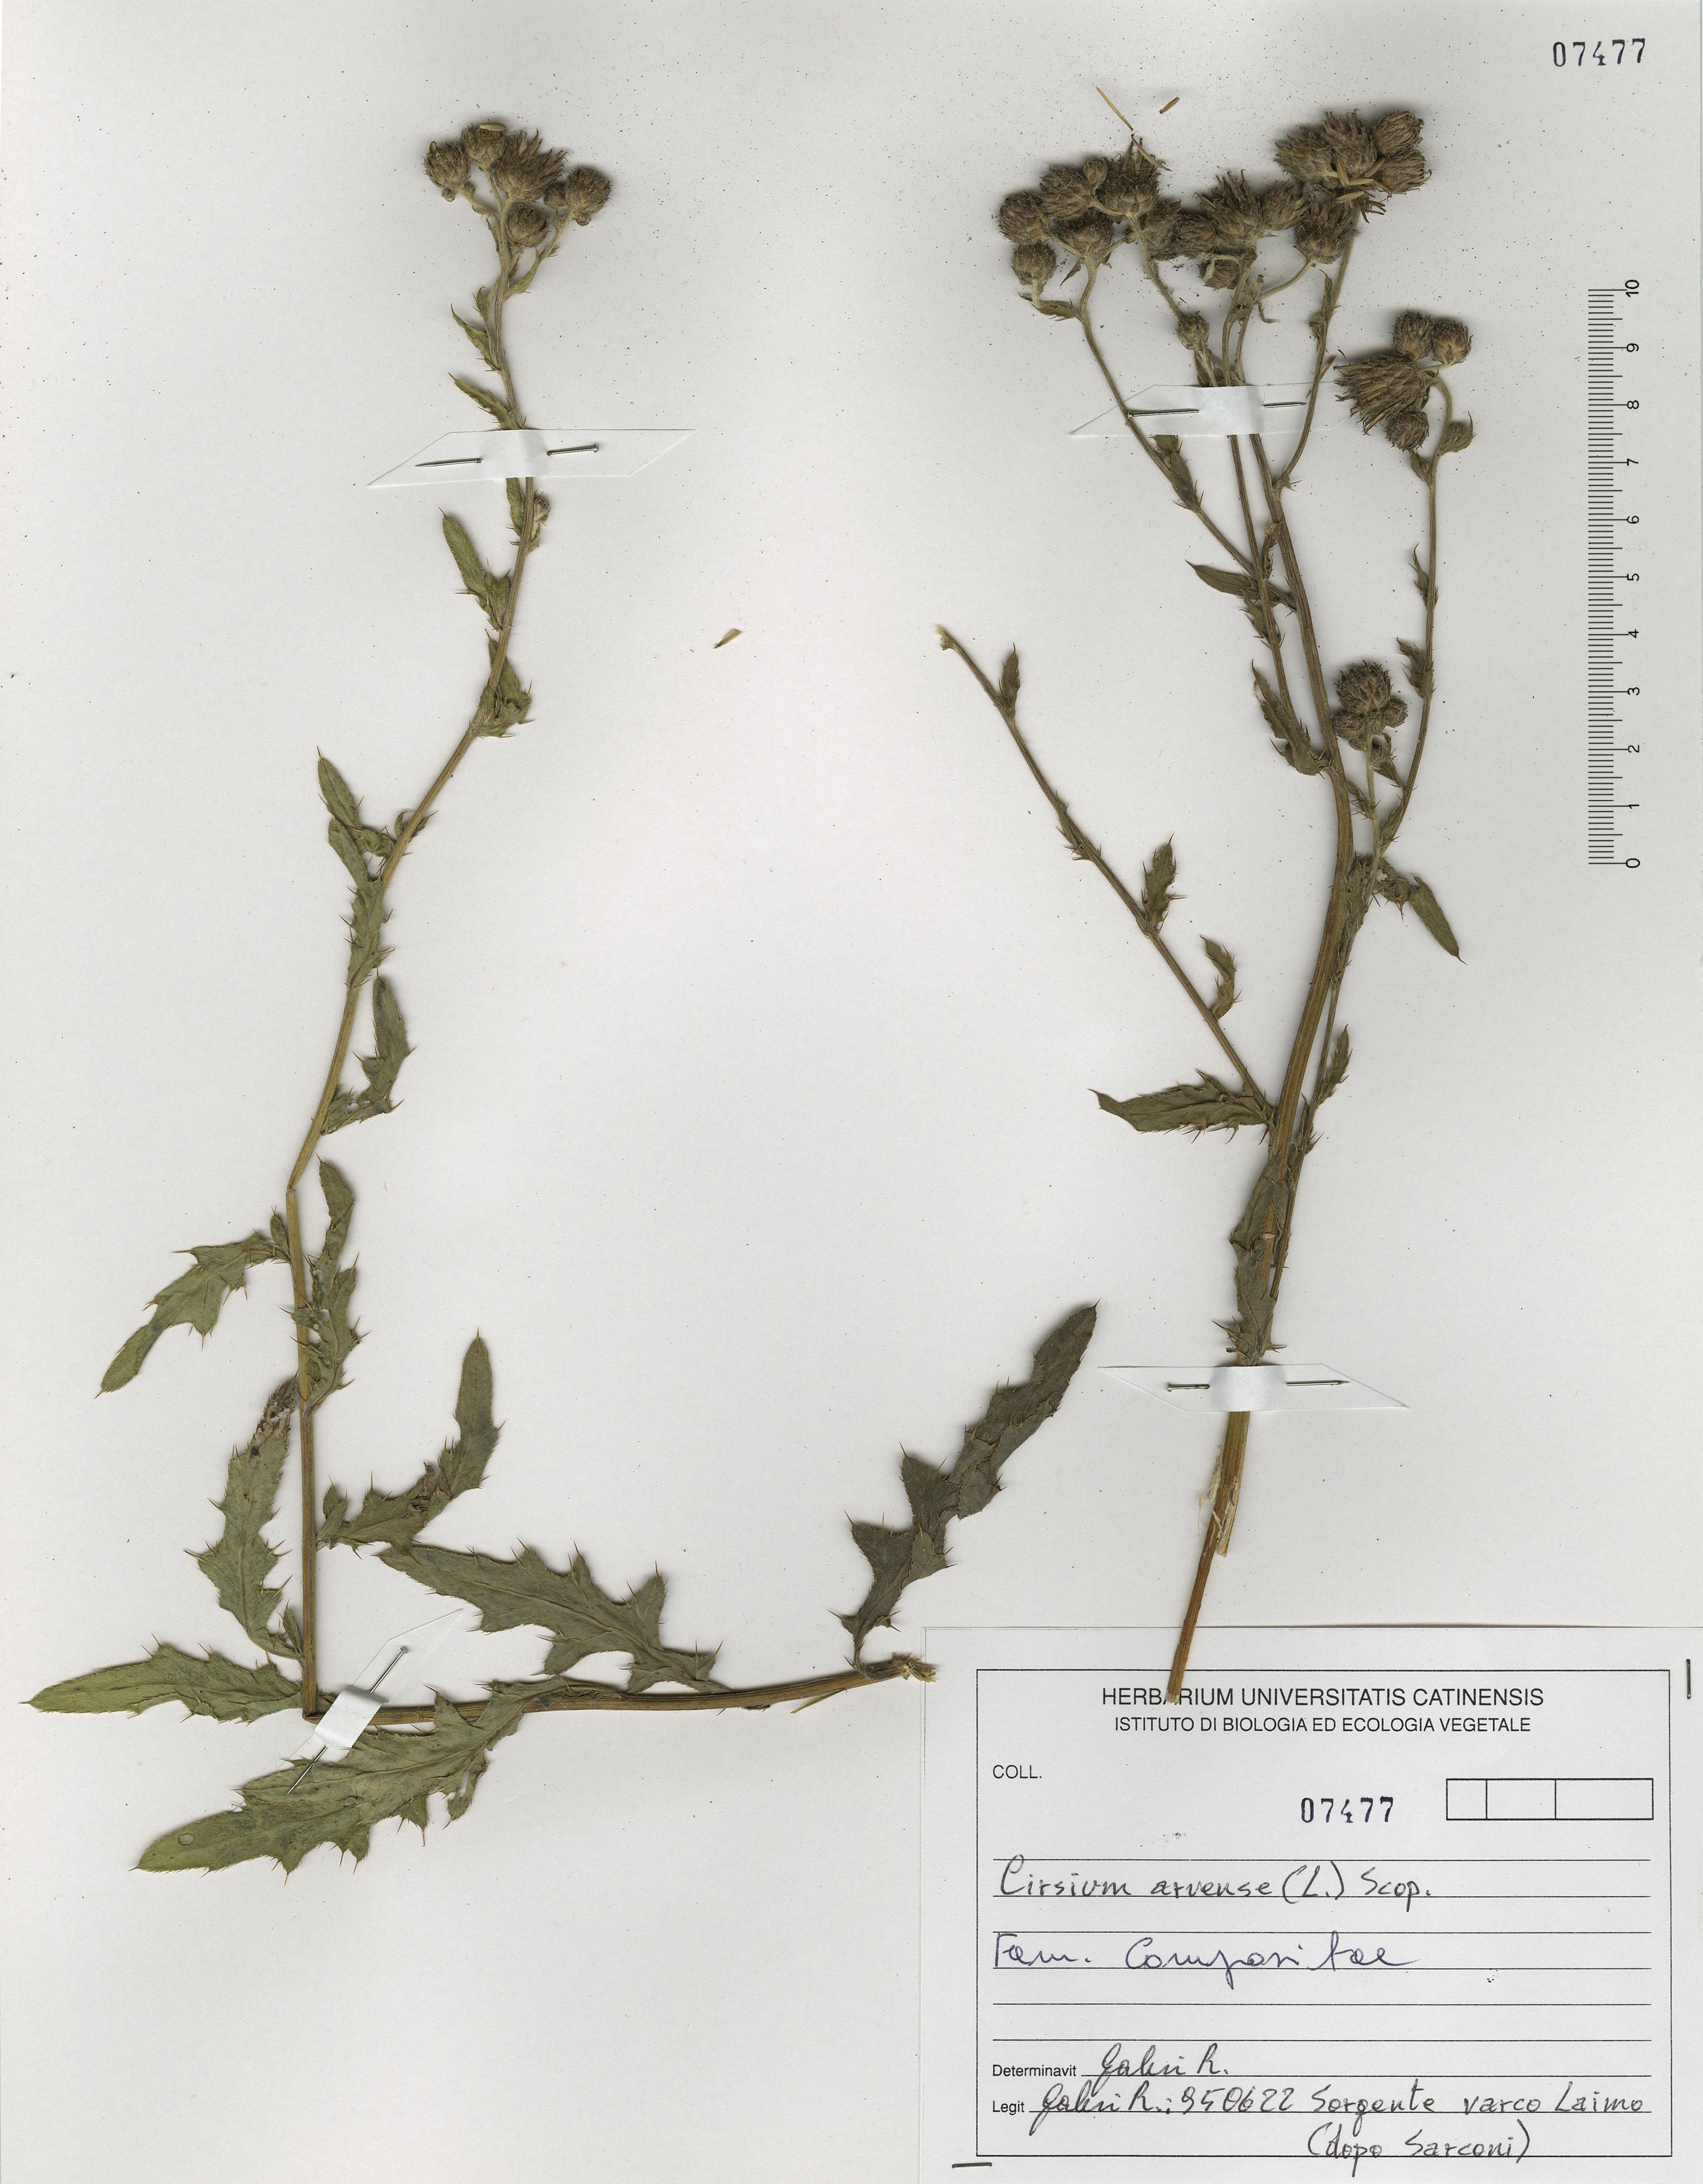 © Hortus Botanicus Catinensis - Herb. sheet 107477<br>